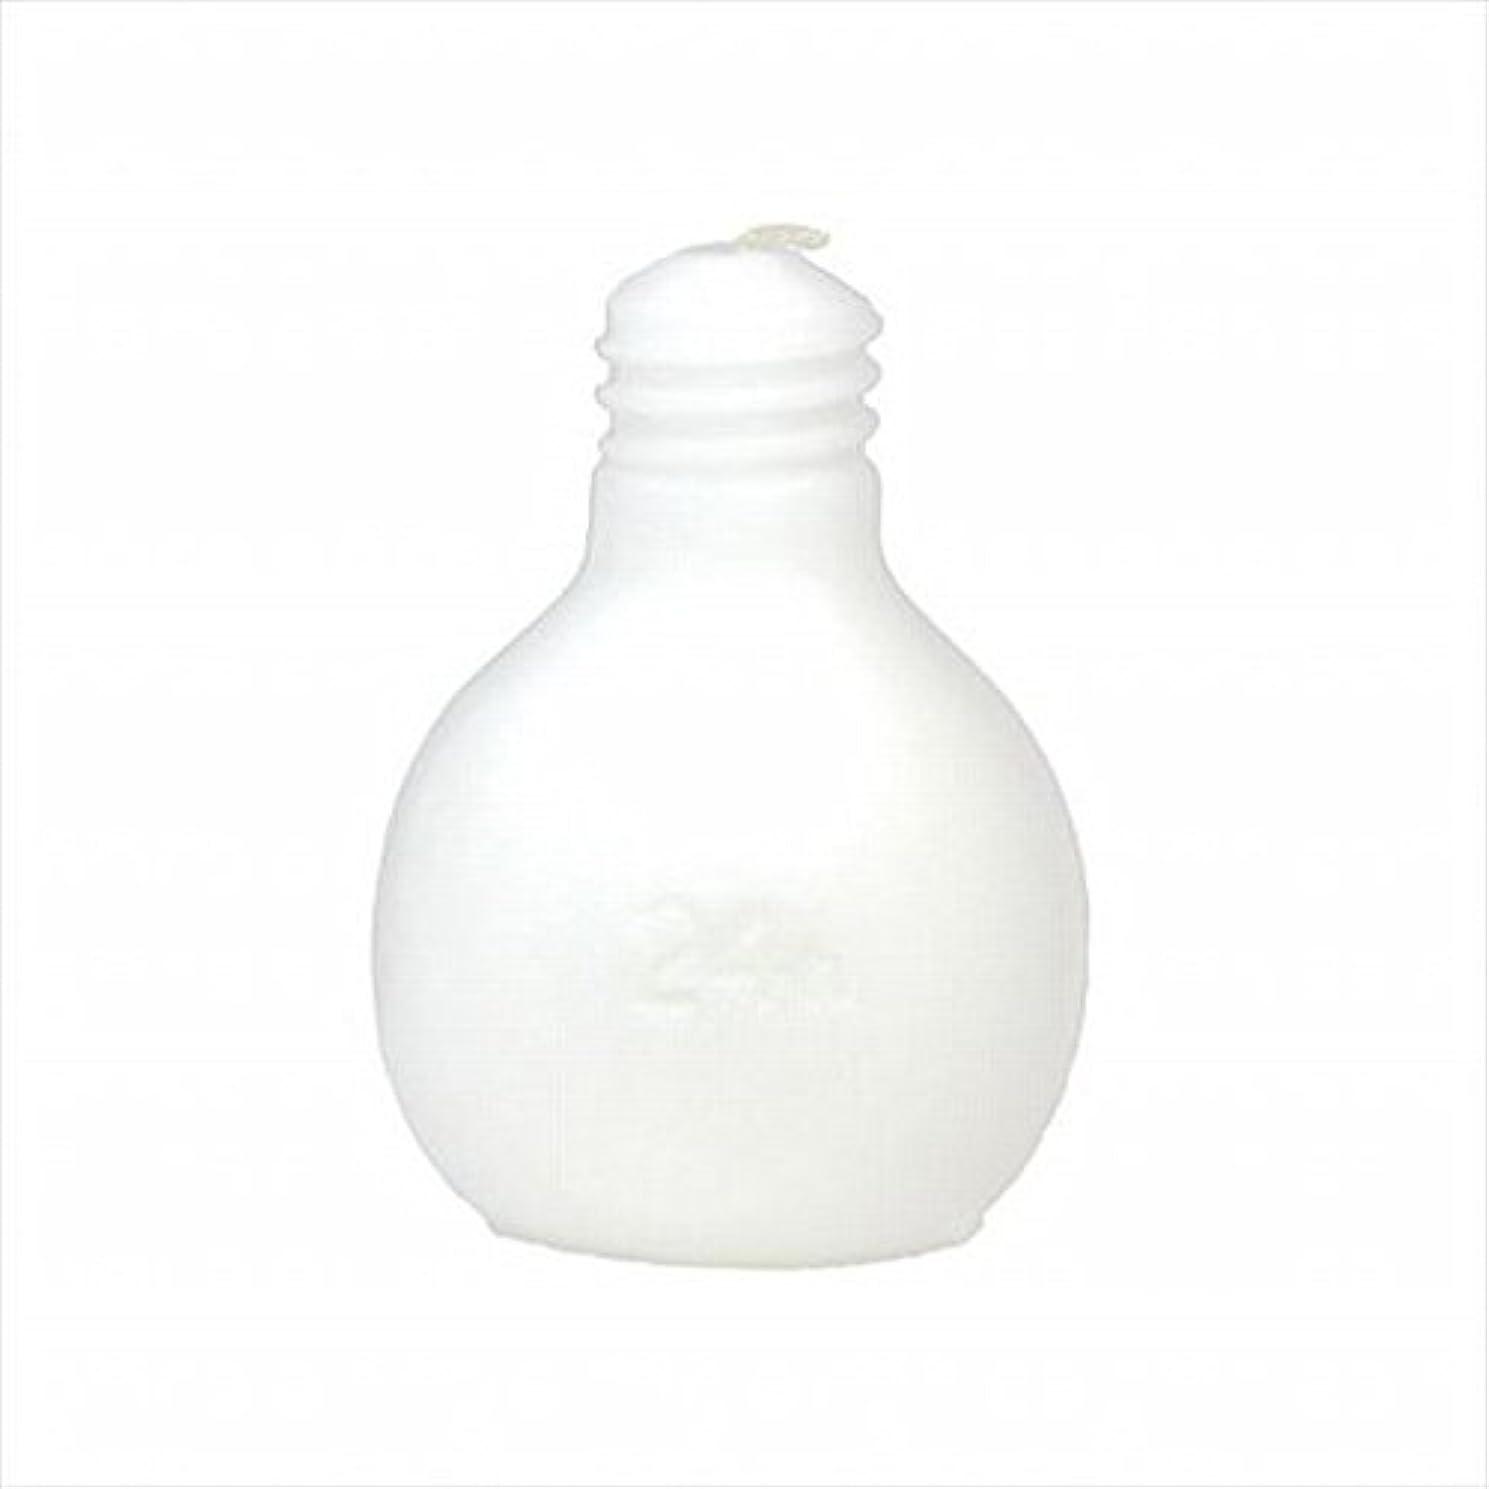 傾向がある引っ張る配置kameyama candle(カメヤマキャンドル) 節電球キャンドル 「 ホワイト 」 キャンドル 75x75x98mm (A4220000W)